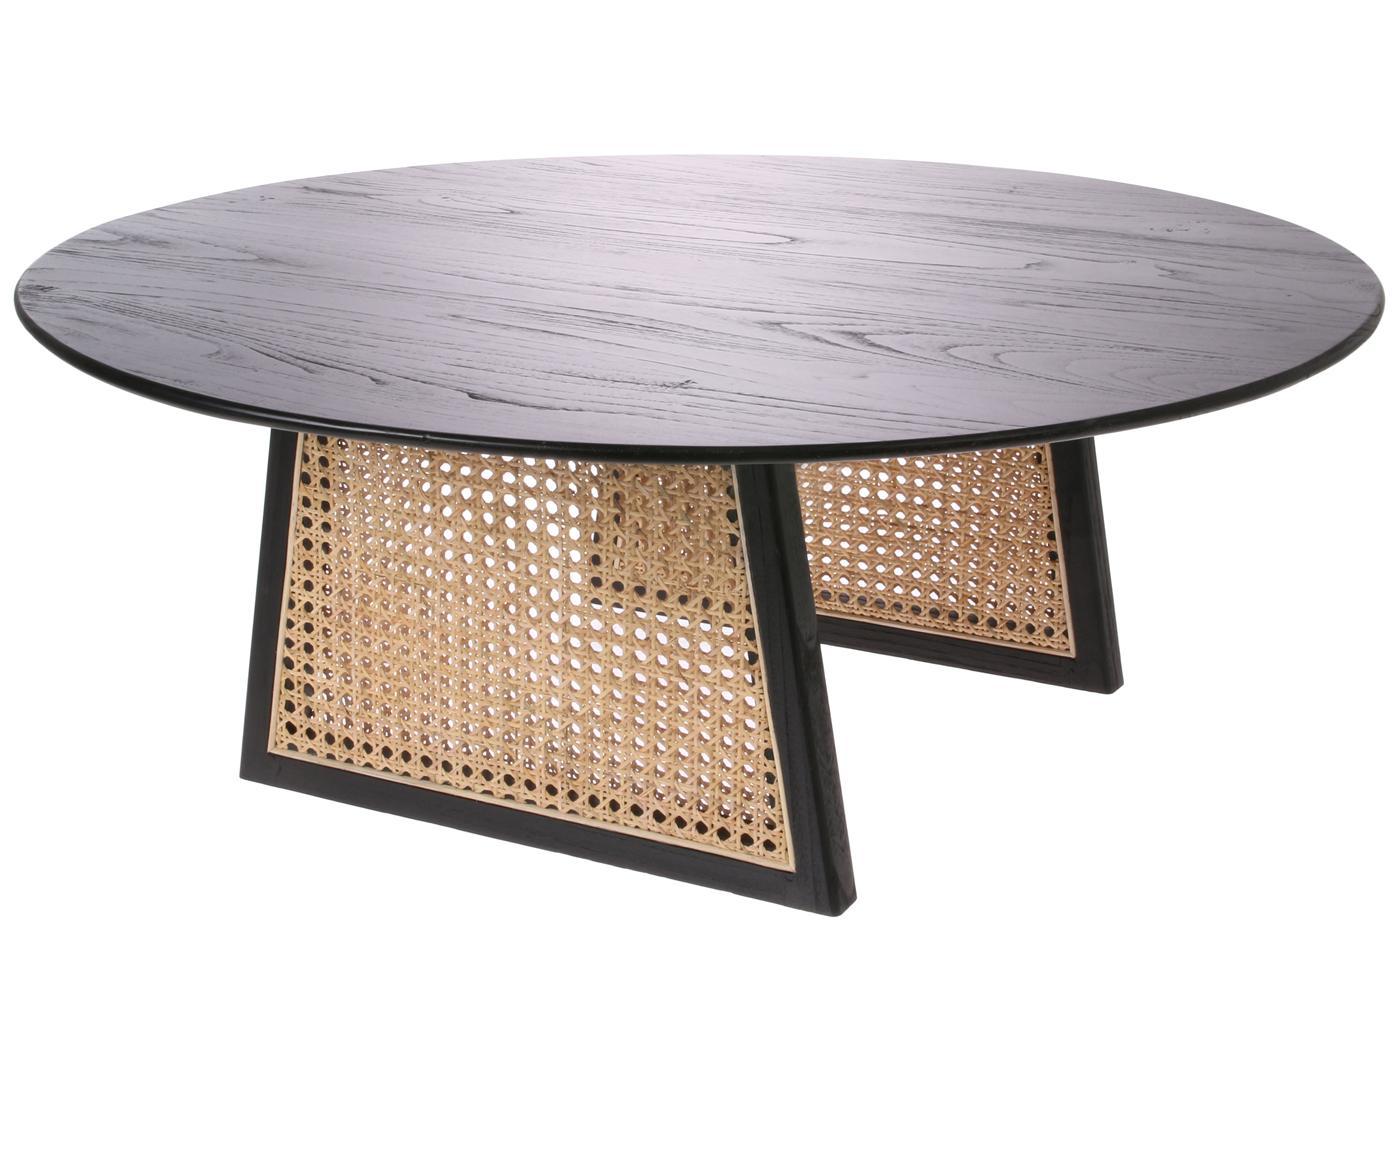 Tavolino da salotto rotondo in vimini Retro, Intreccio viennese: rattan, Nero, Ø 80 cm x Alt. 30 cm